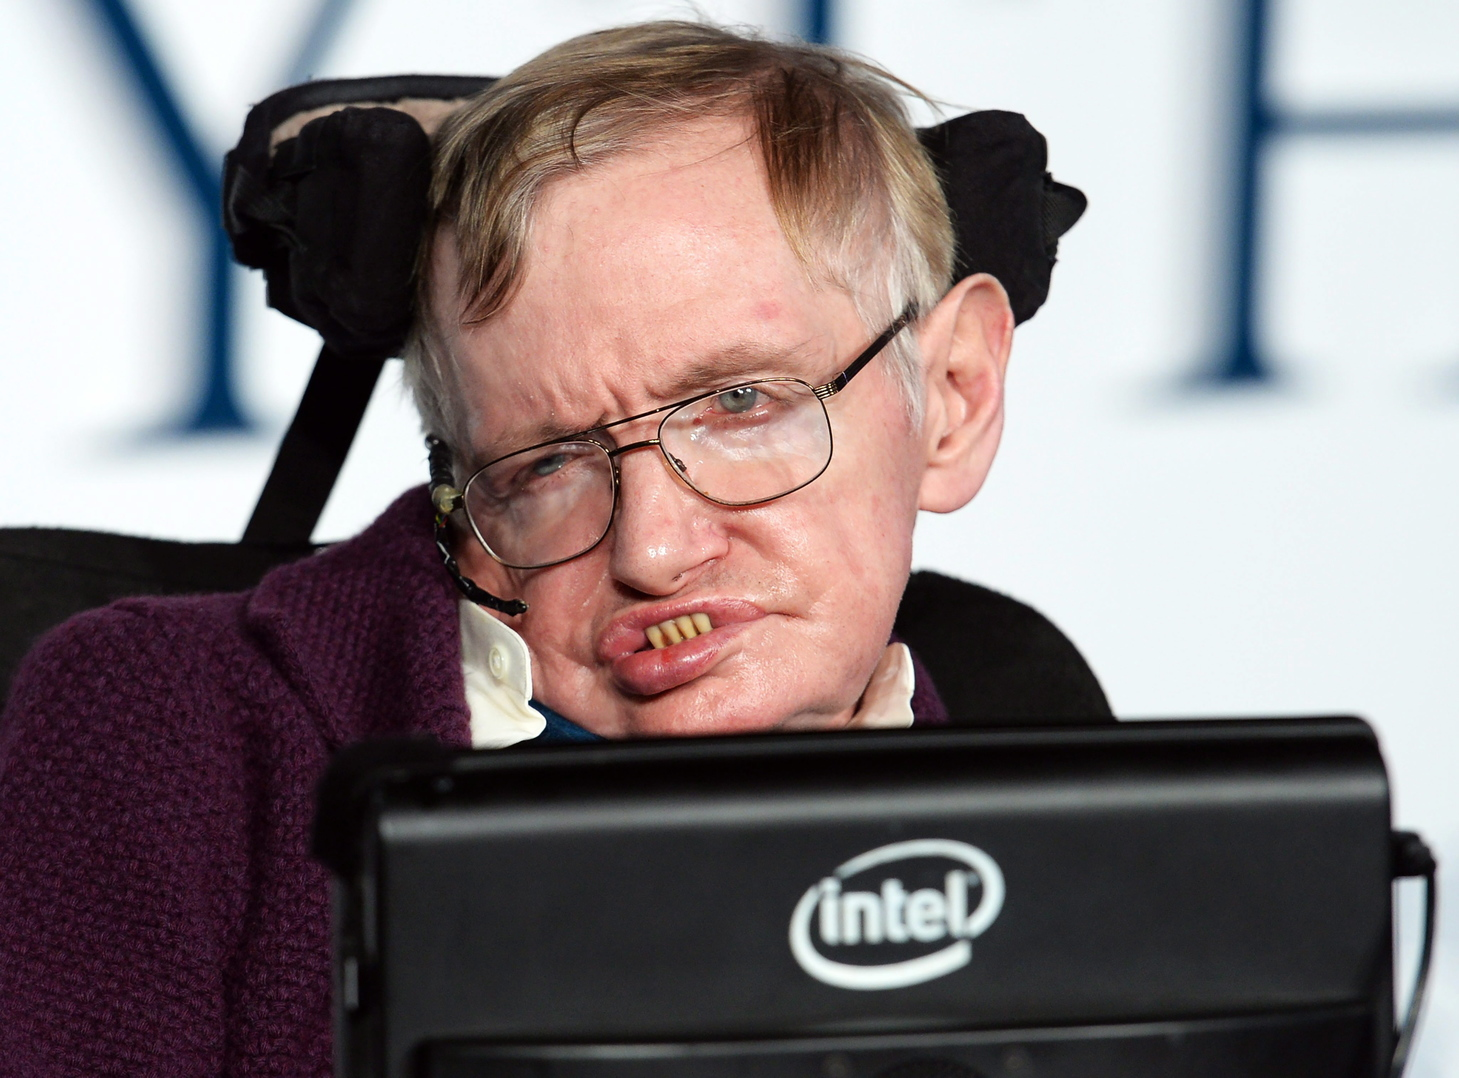 Stephen Hawking brit elméleti fizikus, csillagász az életéről szóló, A mindenség elmélete (The Theory of Everything) című film bemutatóján Londonban 2014. december 9-én. (MTI/EPA/Facundo Arrizabalaga)